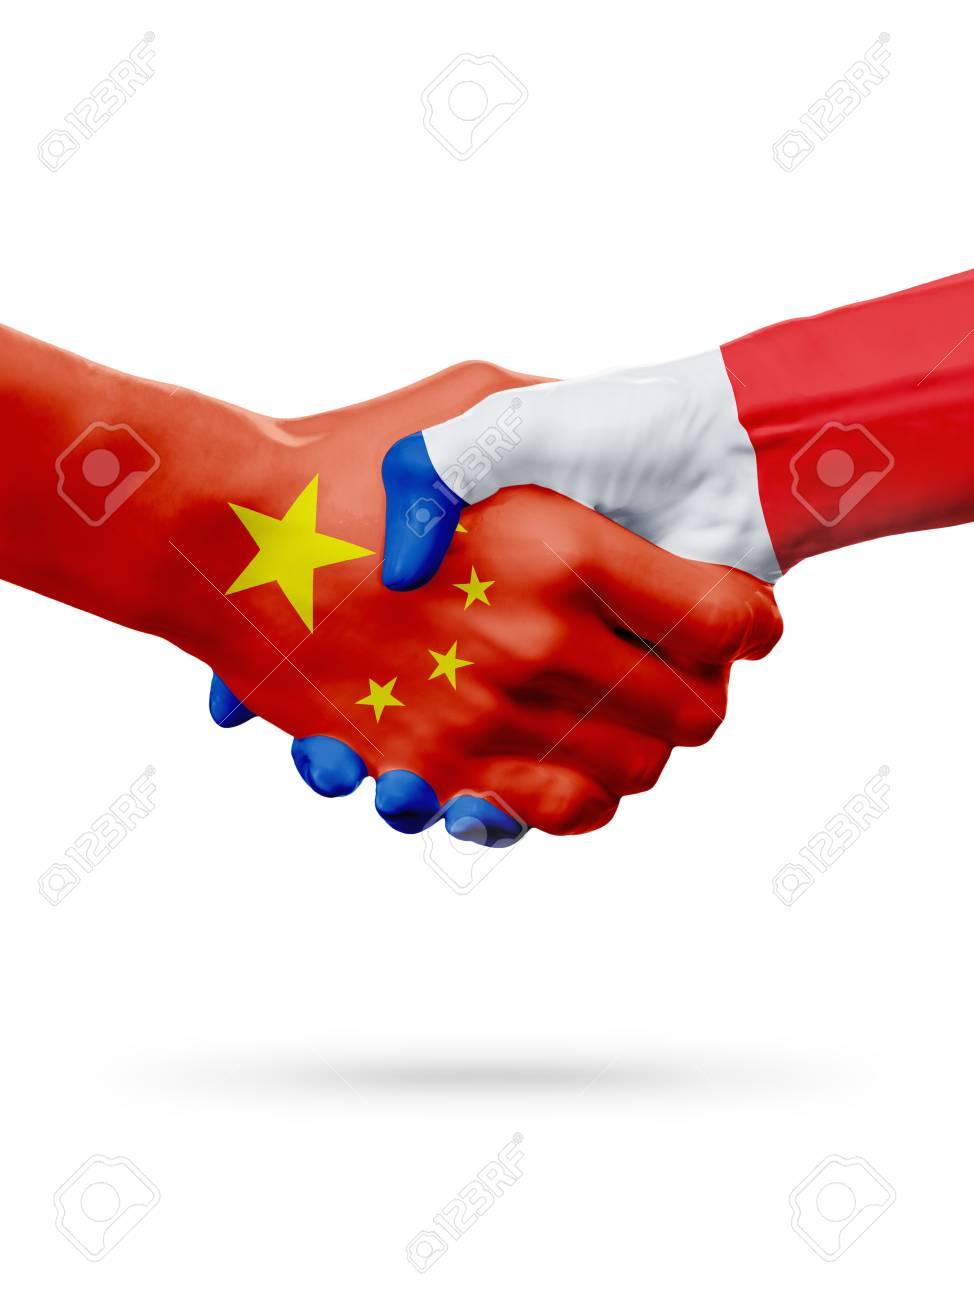 Drapeaux Chine, Pays De France, Coopération De Poignée De Main ...